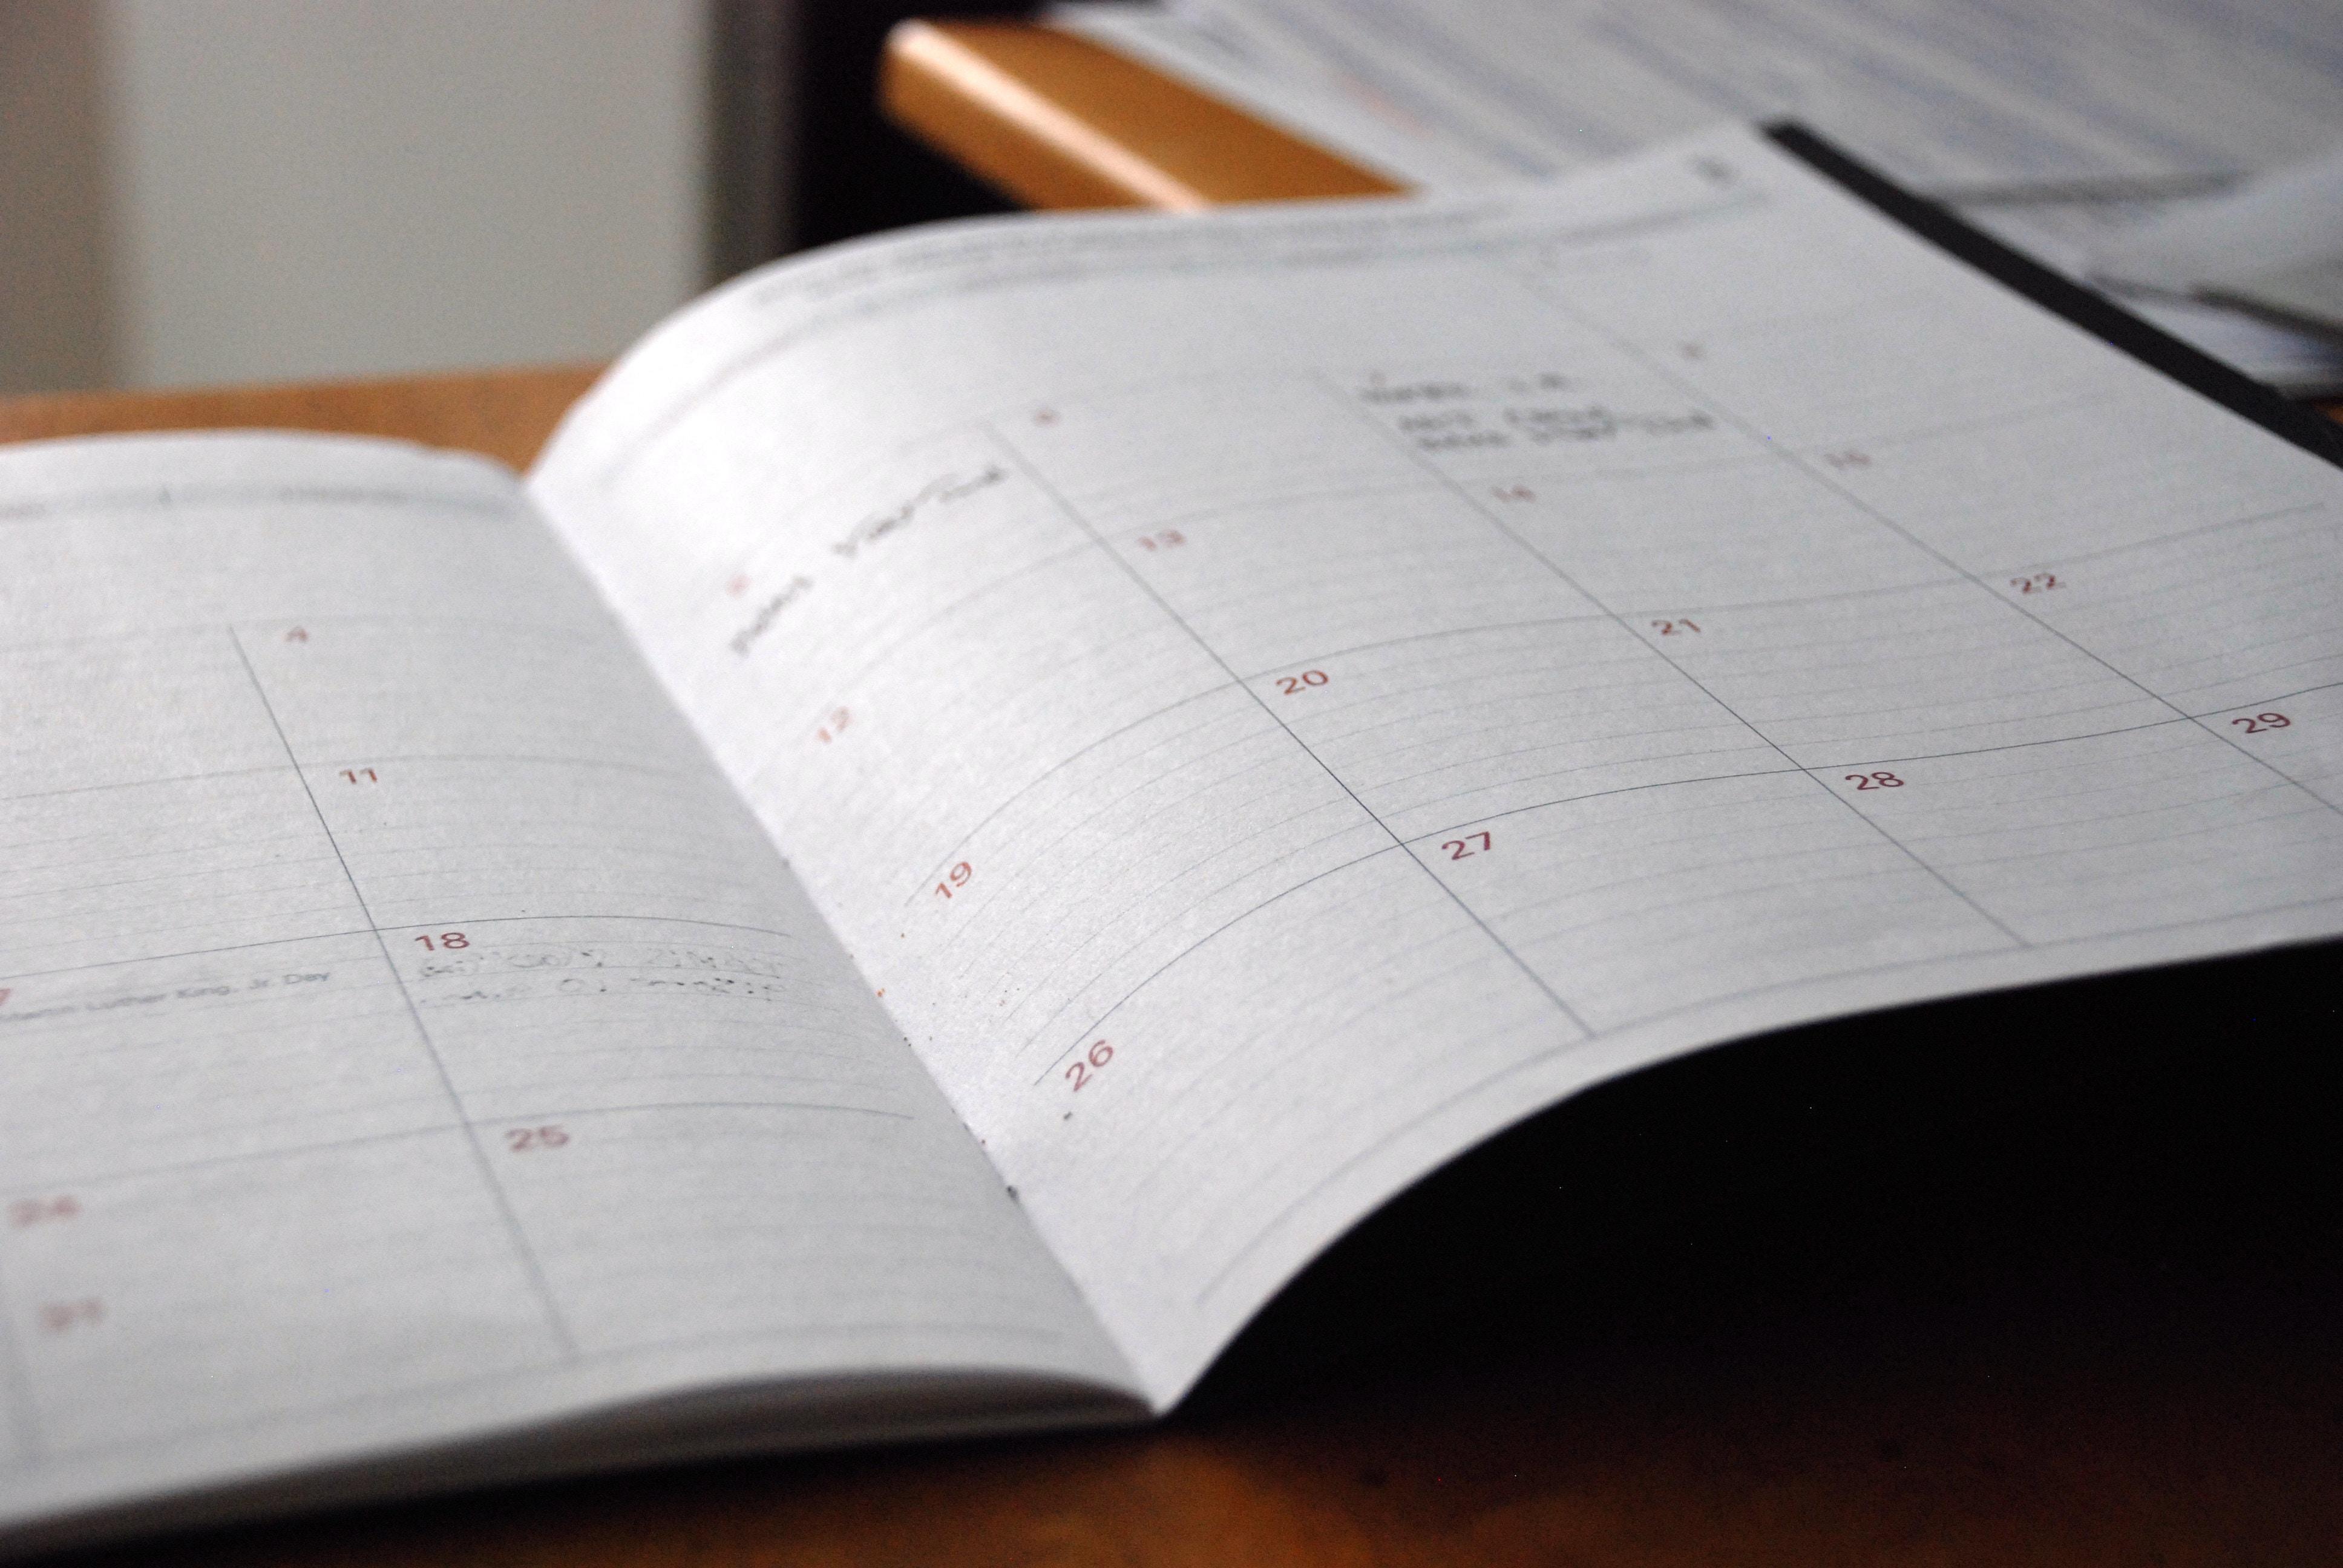 転職活動にかかる期間を知ろう|期間・計画・予定の立て方